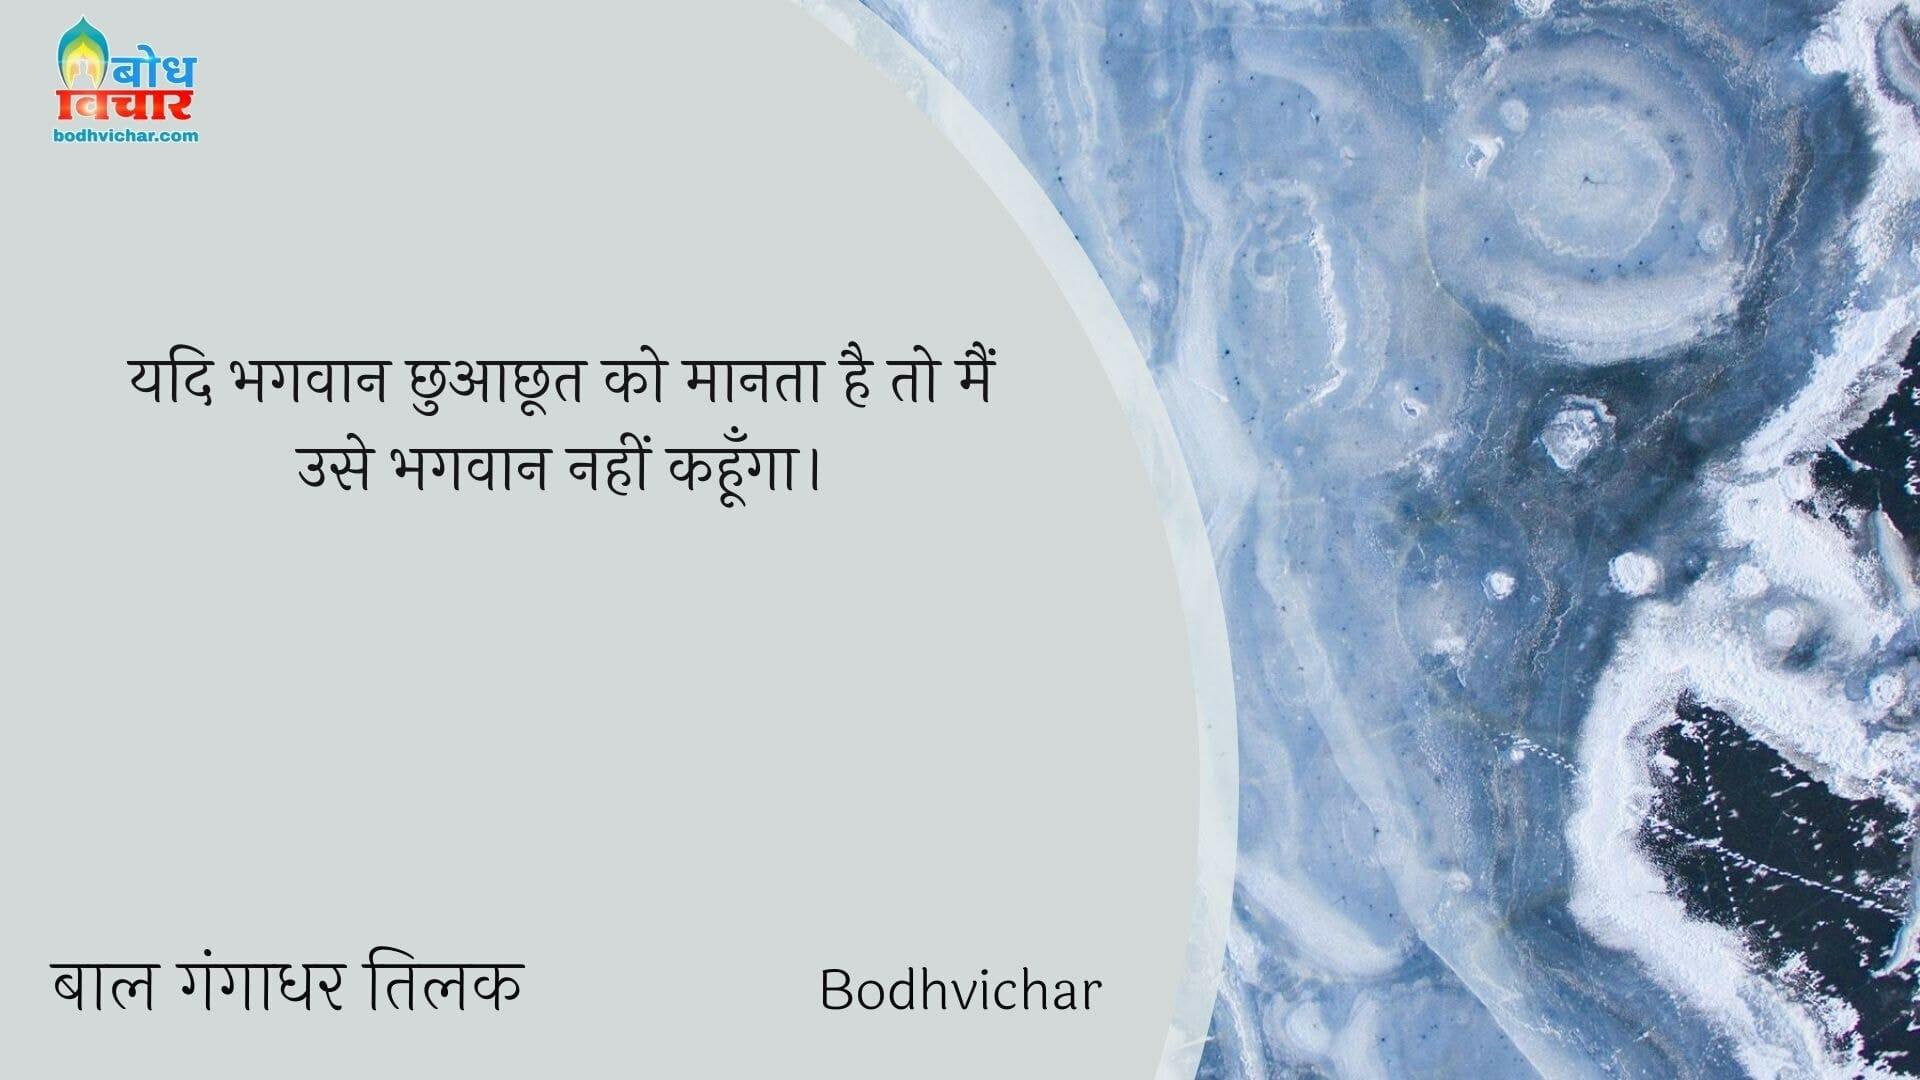 यदि भगवान छुआछूत को मानता है तो मैं उसे भगवान नहीं कहूँगा। : Yadi bhagvaan chhuachhoot maante hain to main use bhagvan nahin kahunga. - बाल गंगाधर तिलक